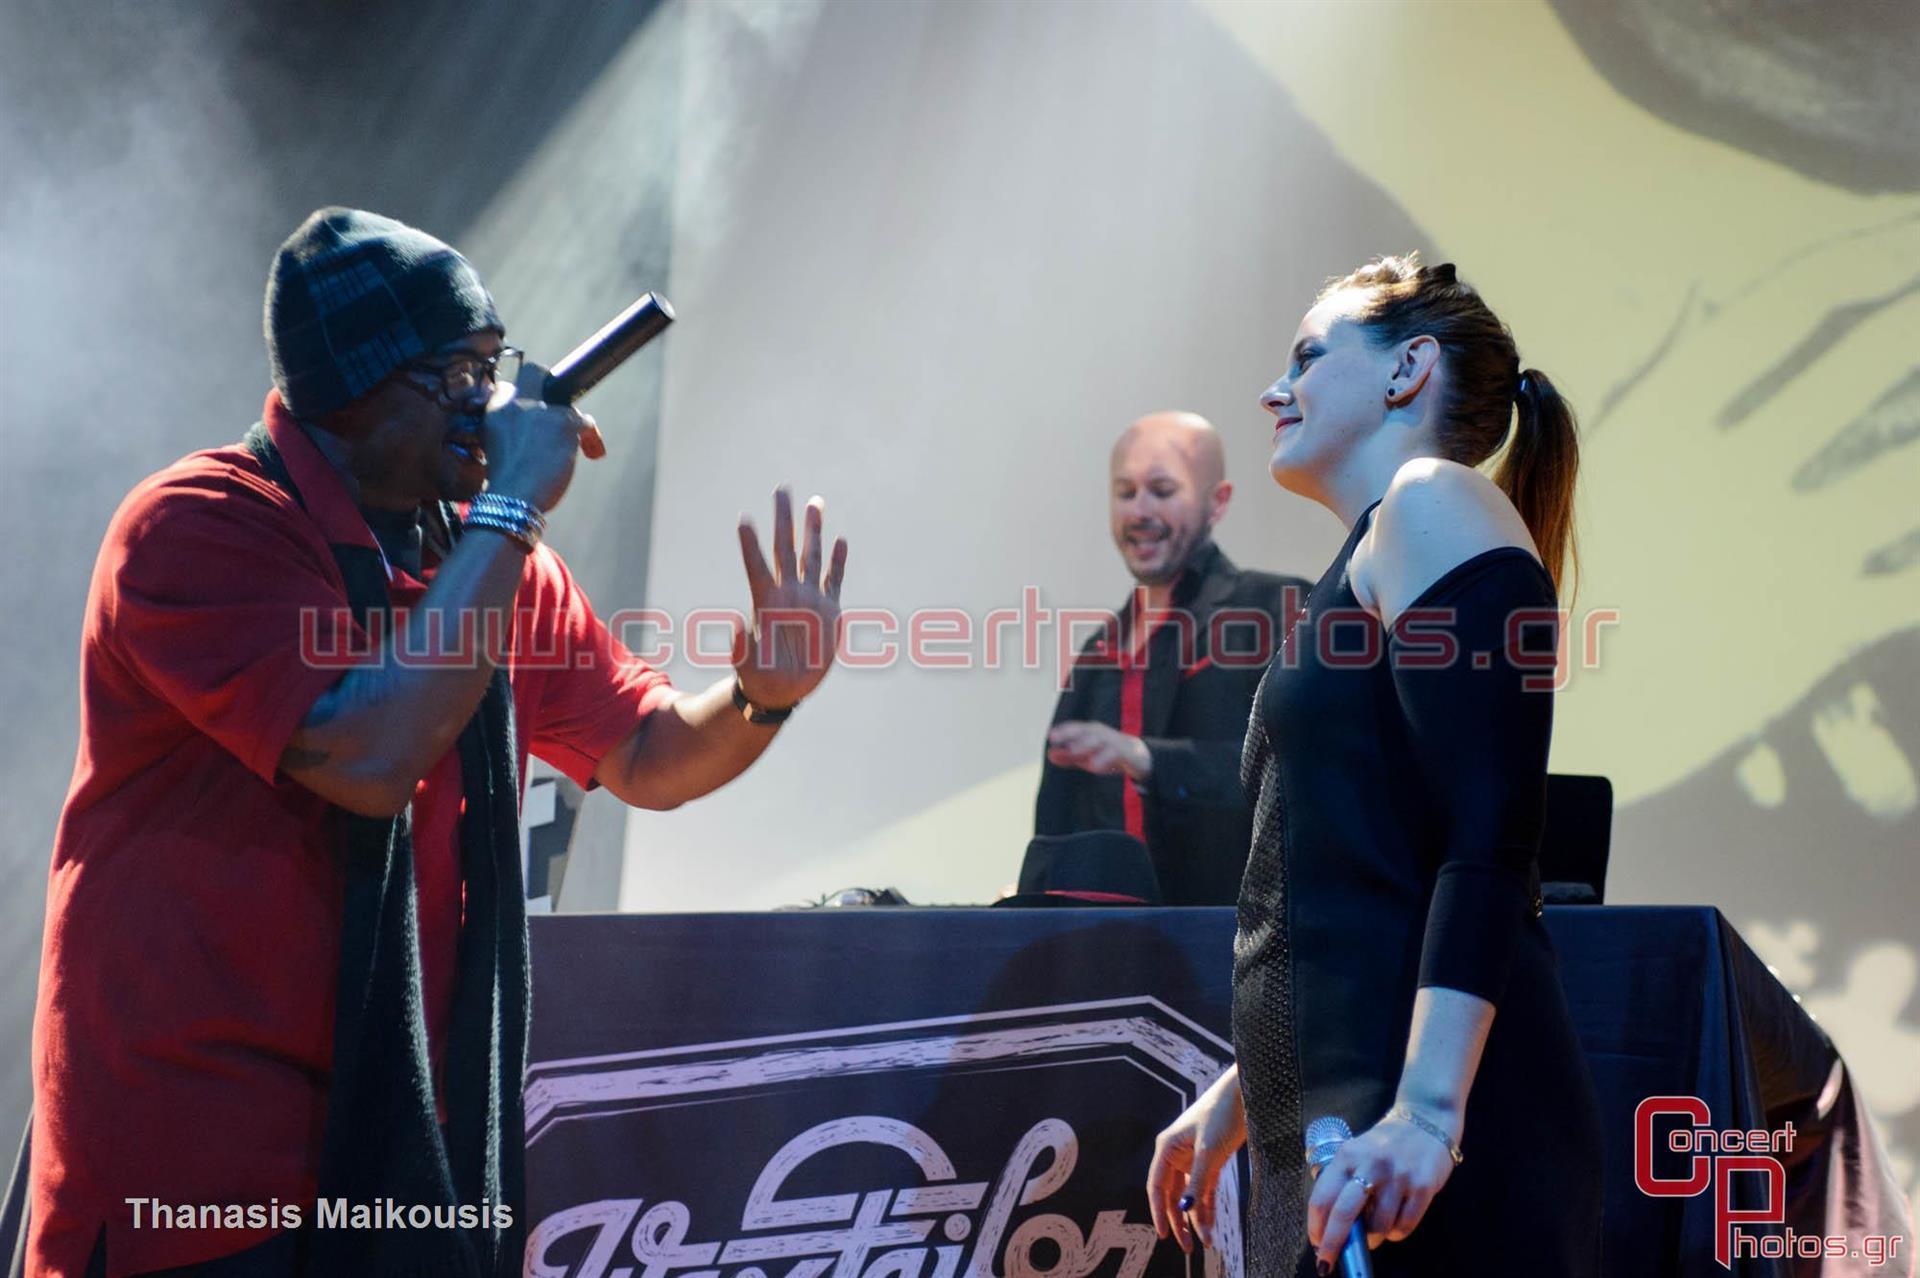 Wax Tailor - photographer: Thanasis Maikousis - ConcertPhotos-7822